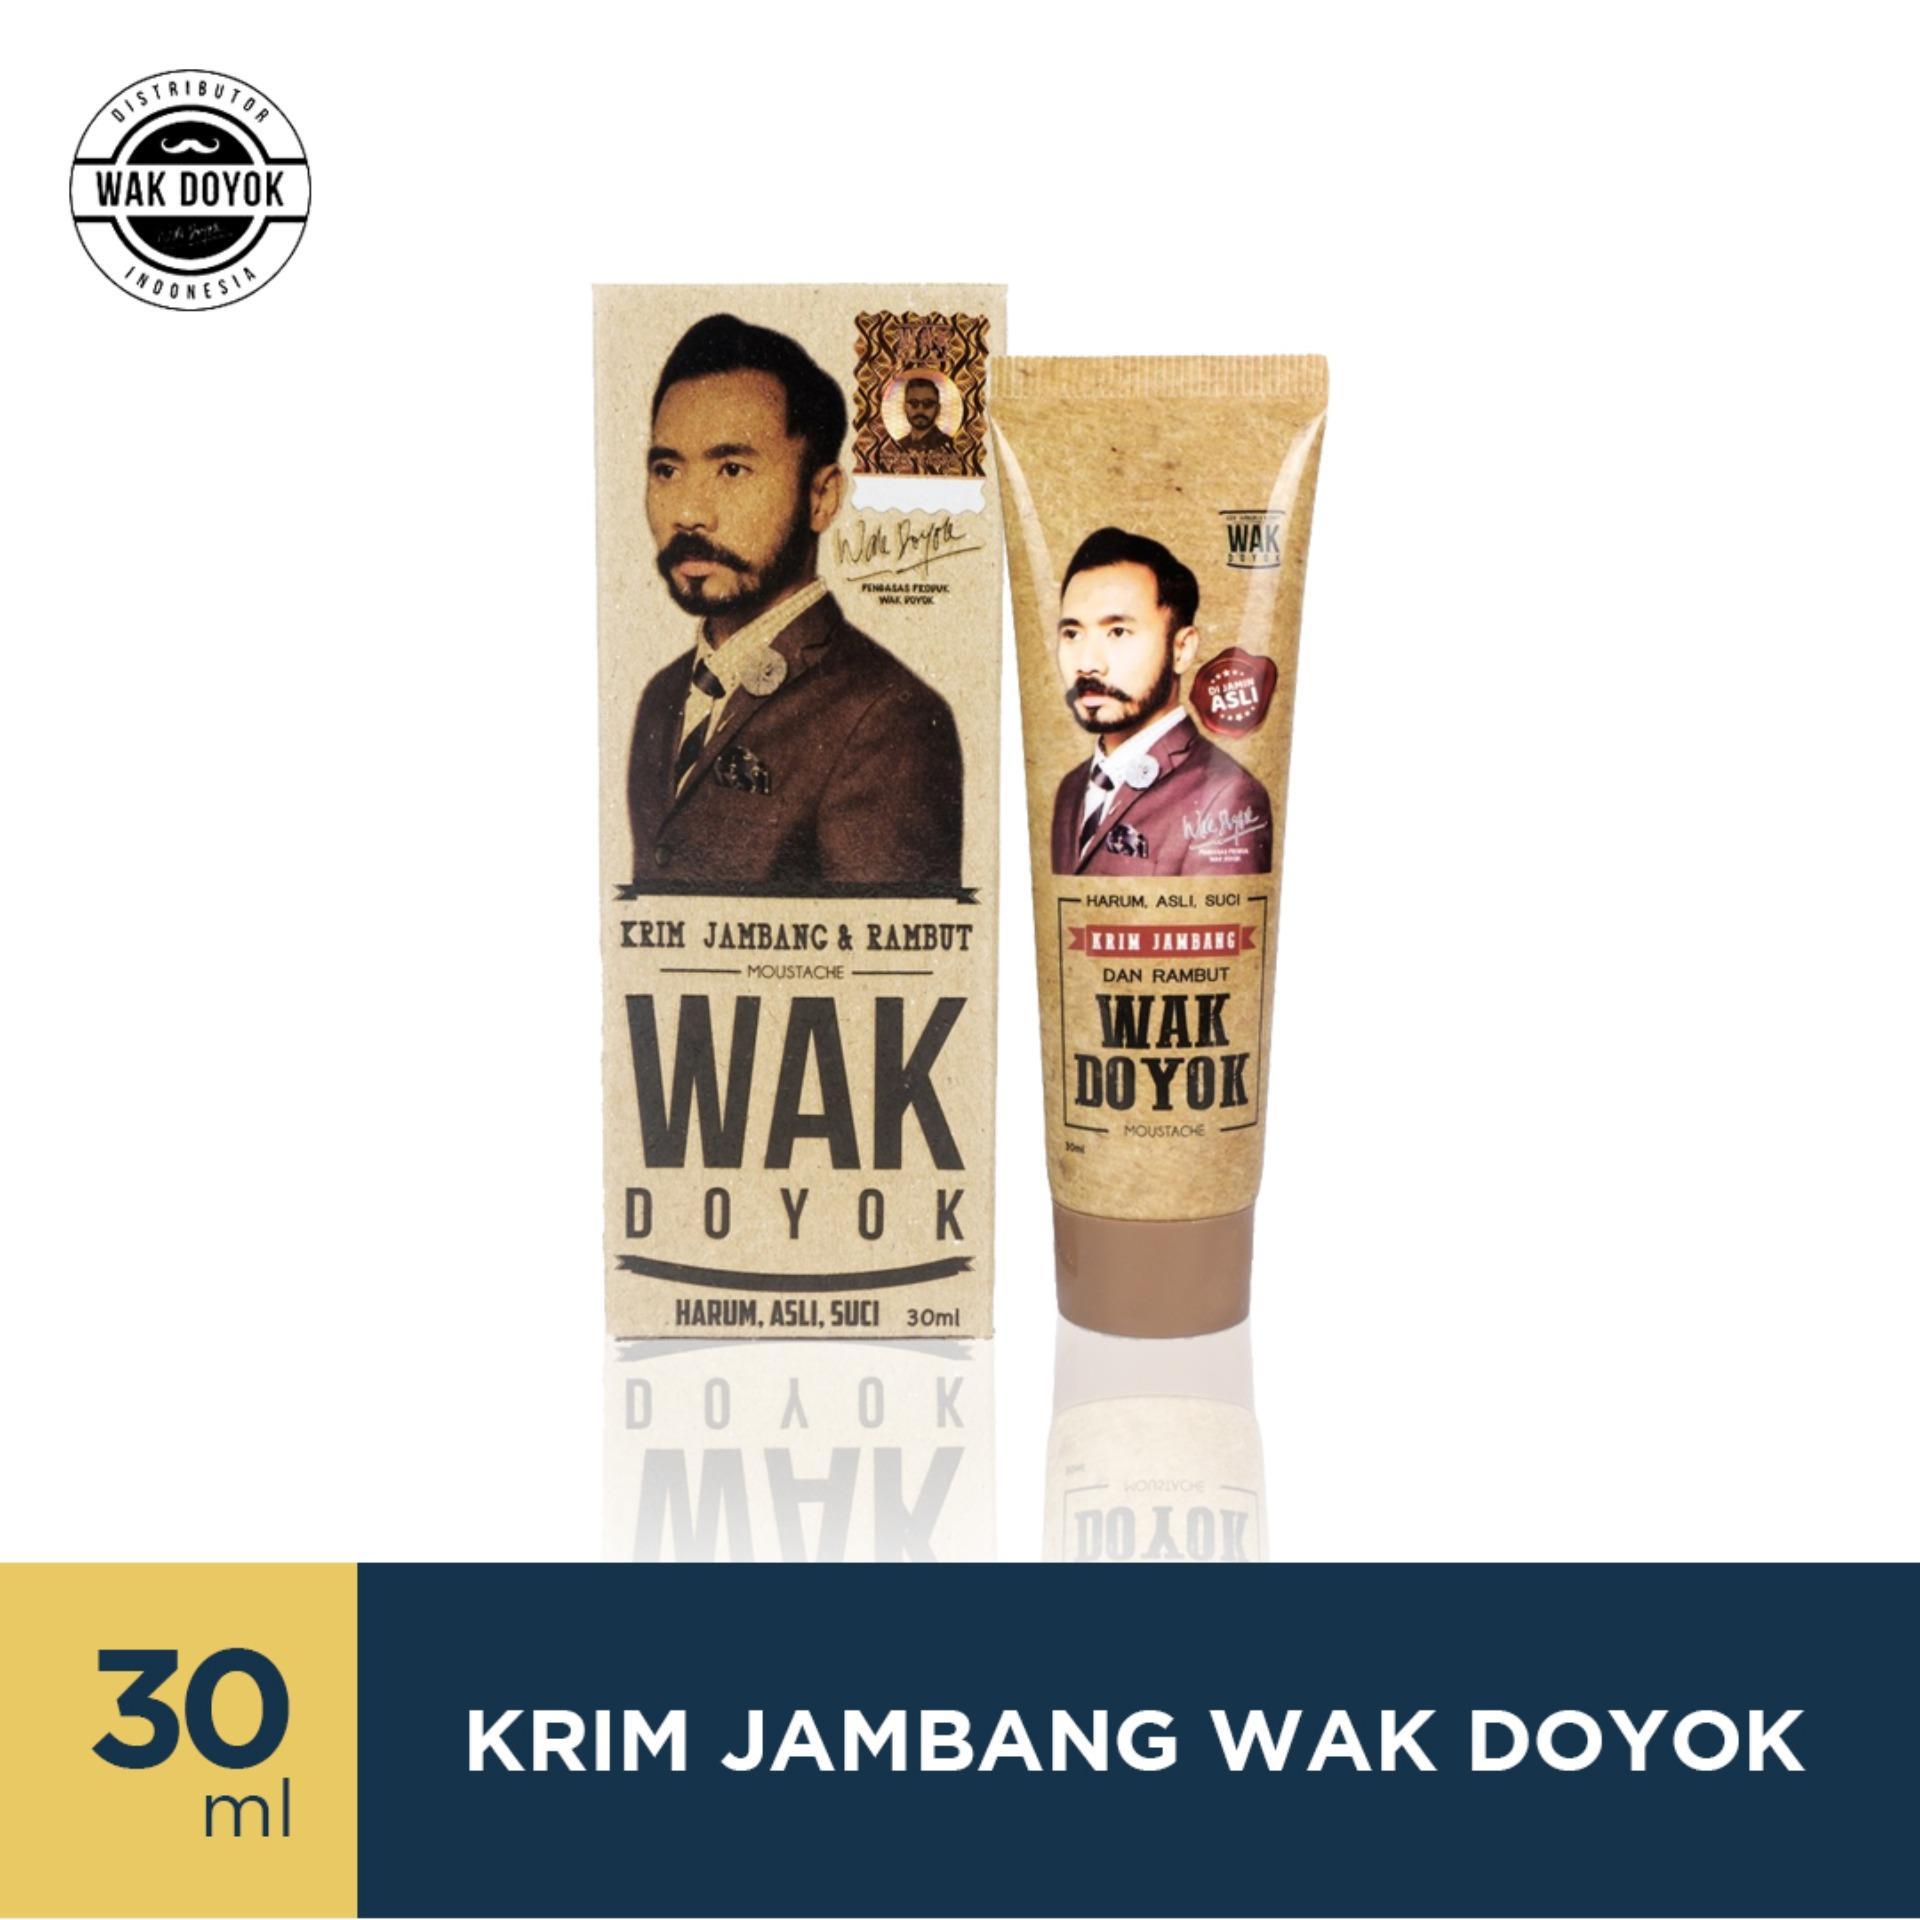 PROMO SPECIAL Wak Doyok Cream 30ml Original - Wakdoyok Krim Penumbuh Jambang, Rambut dan Alis